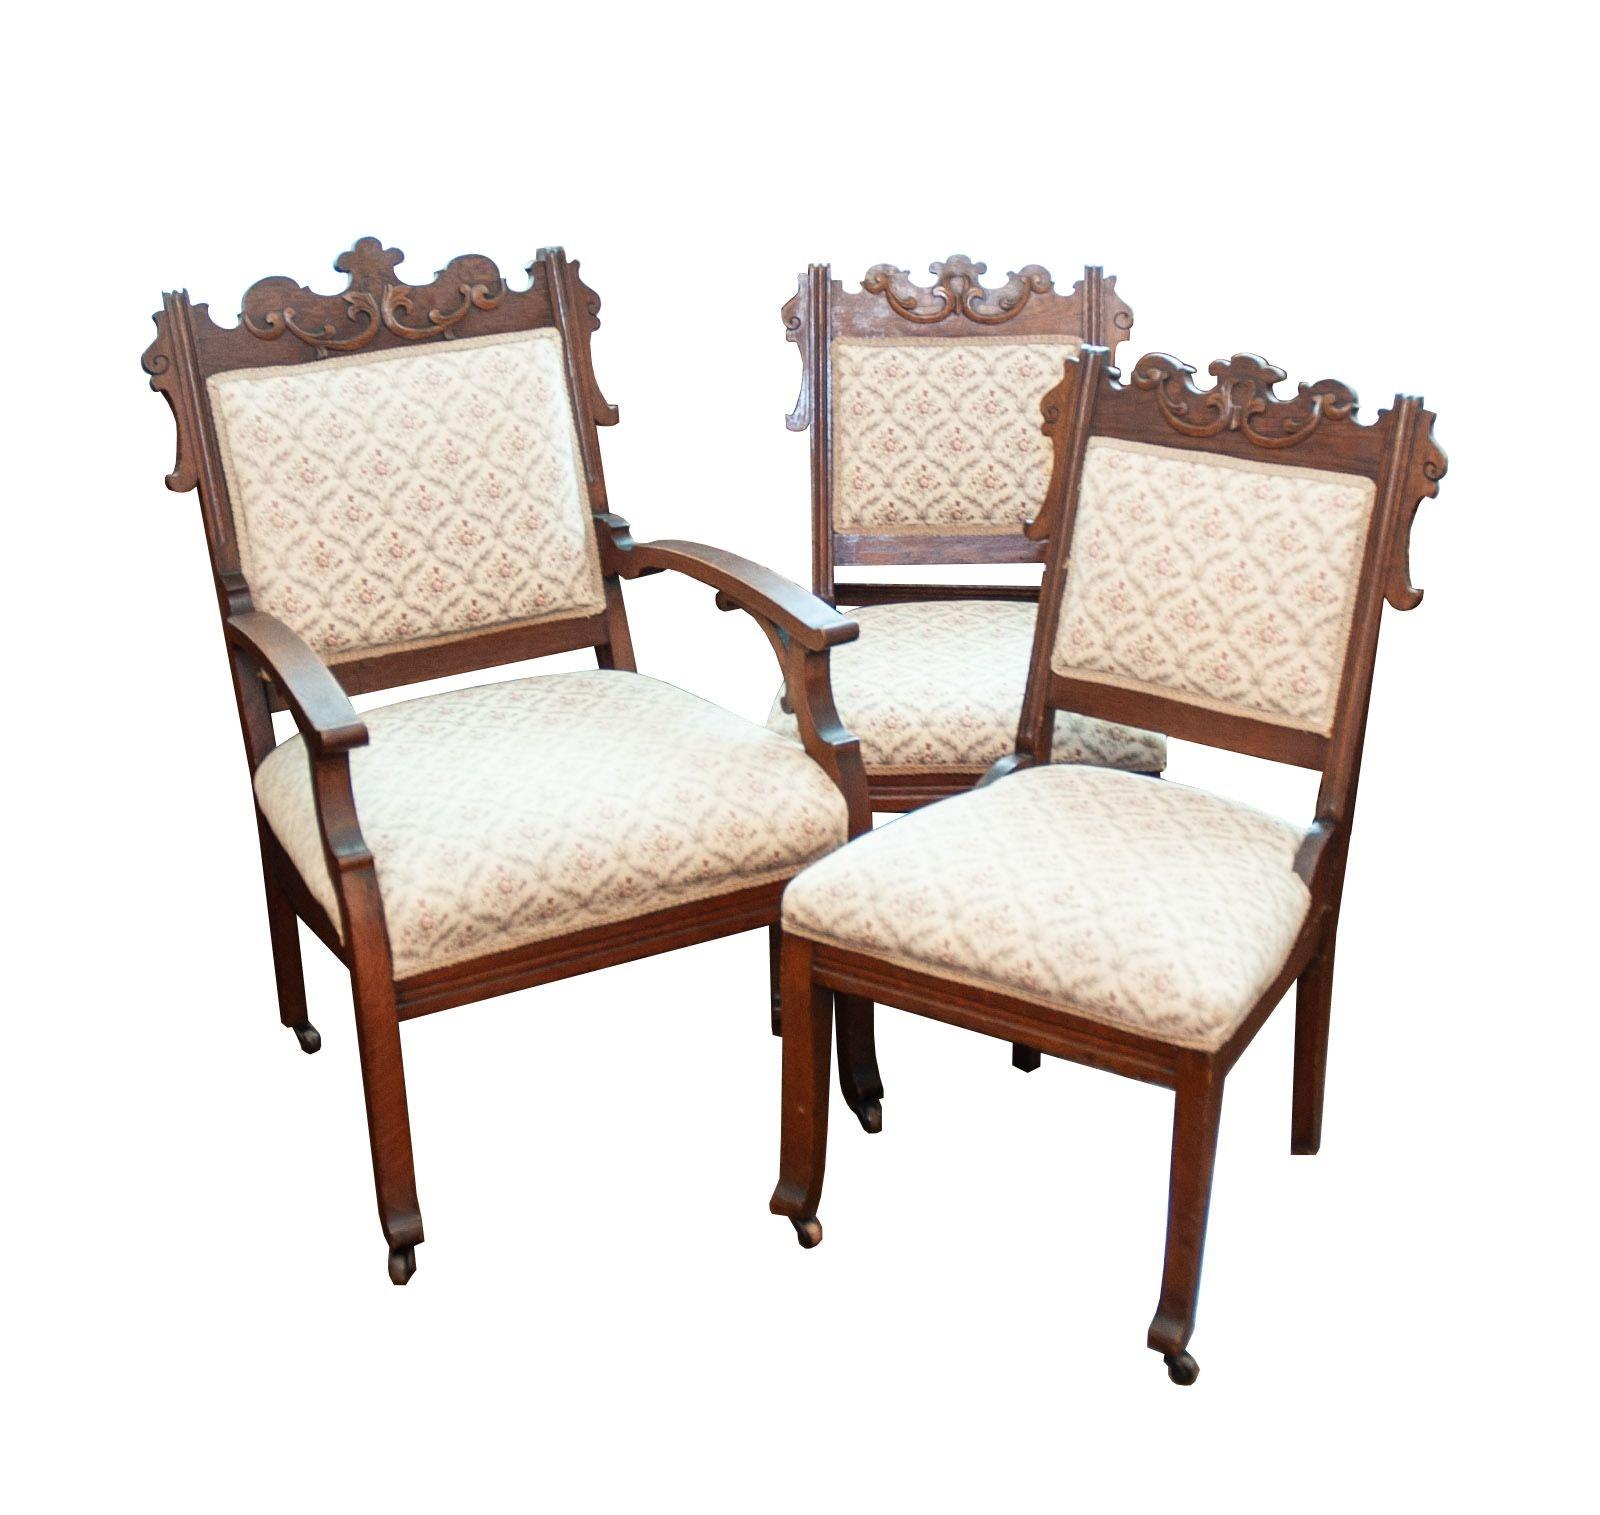 Antique Walnut Victorian Chairs